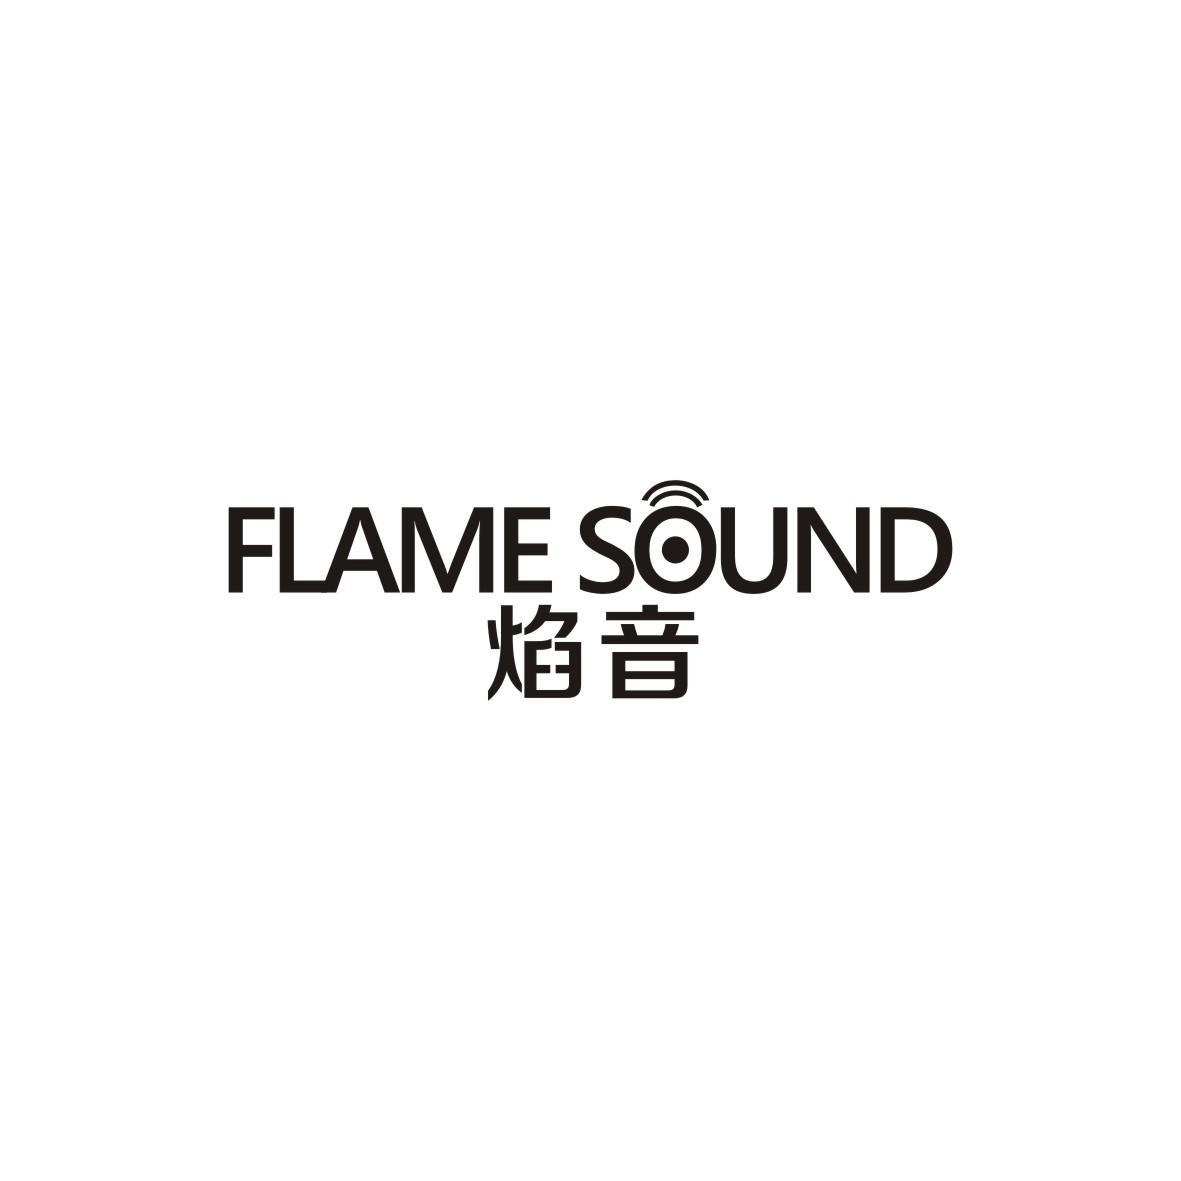 转让商标-焰音 FLAME SOUND